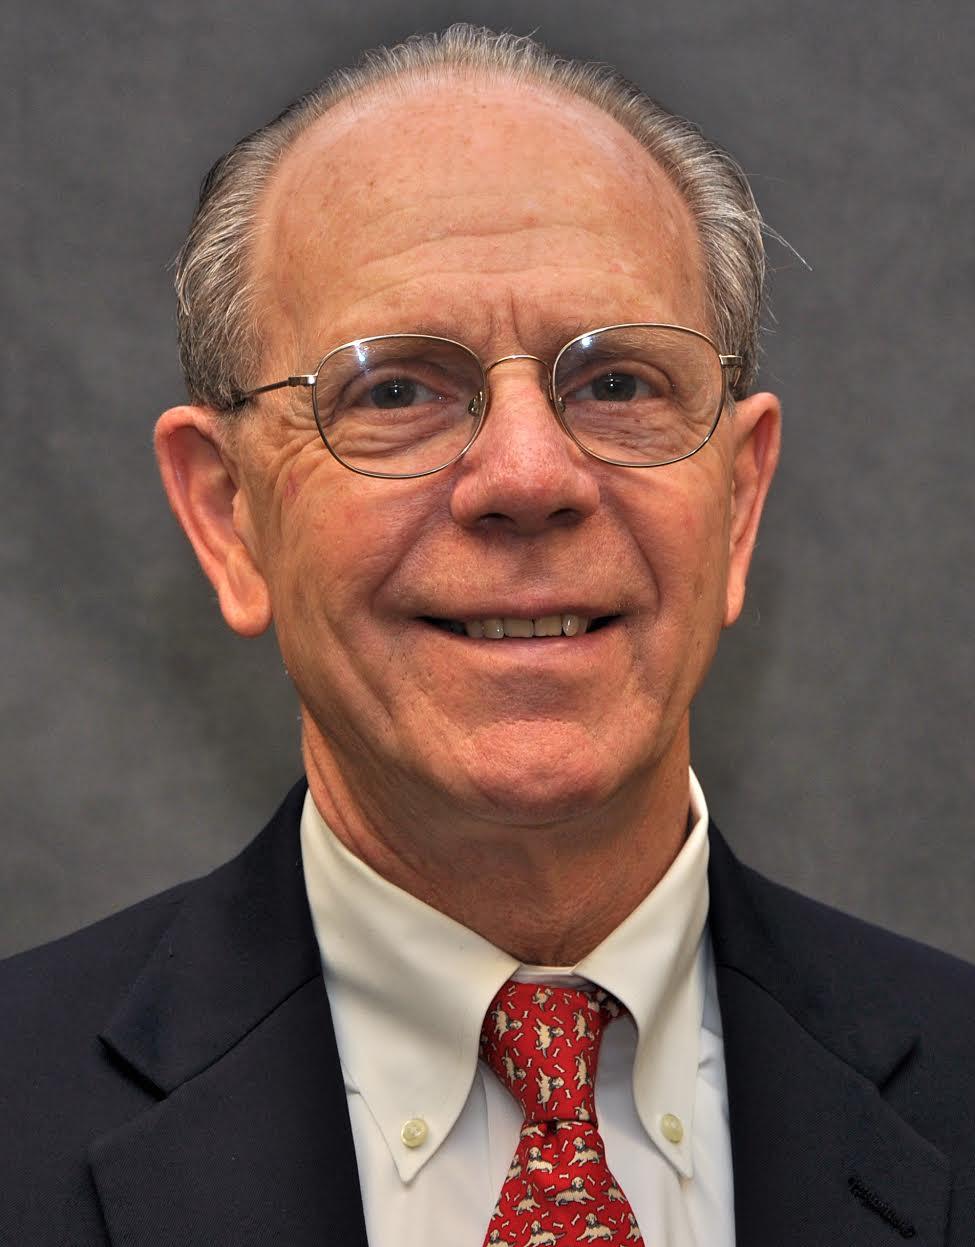 Steven M. Roser, DMD, MD, FACS